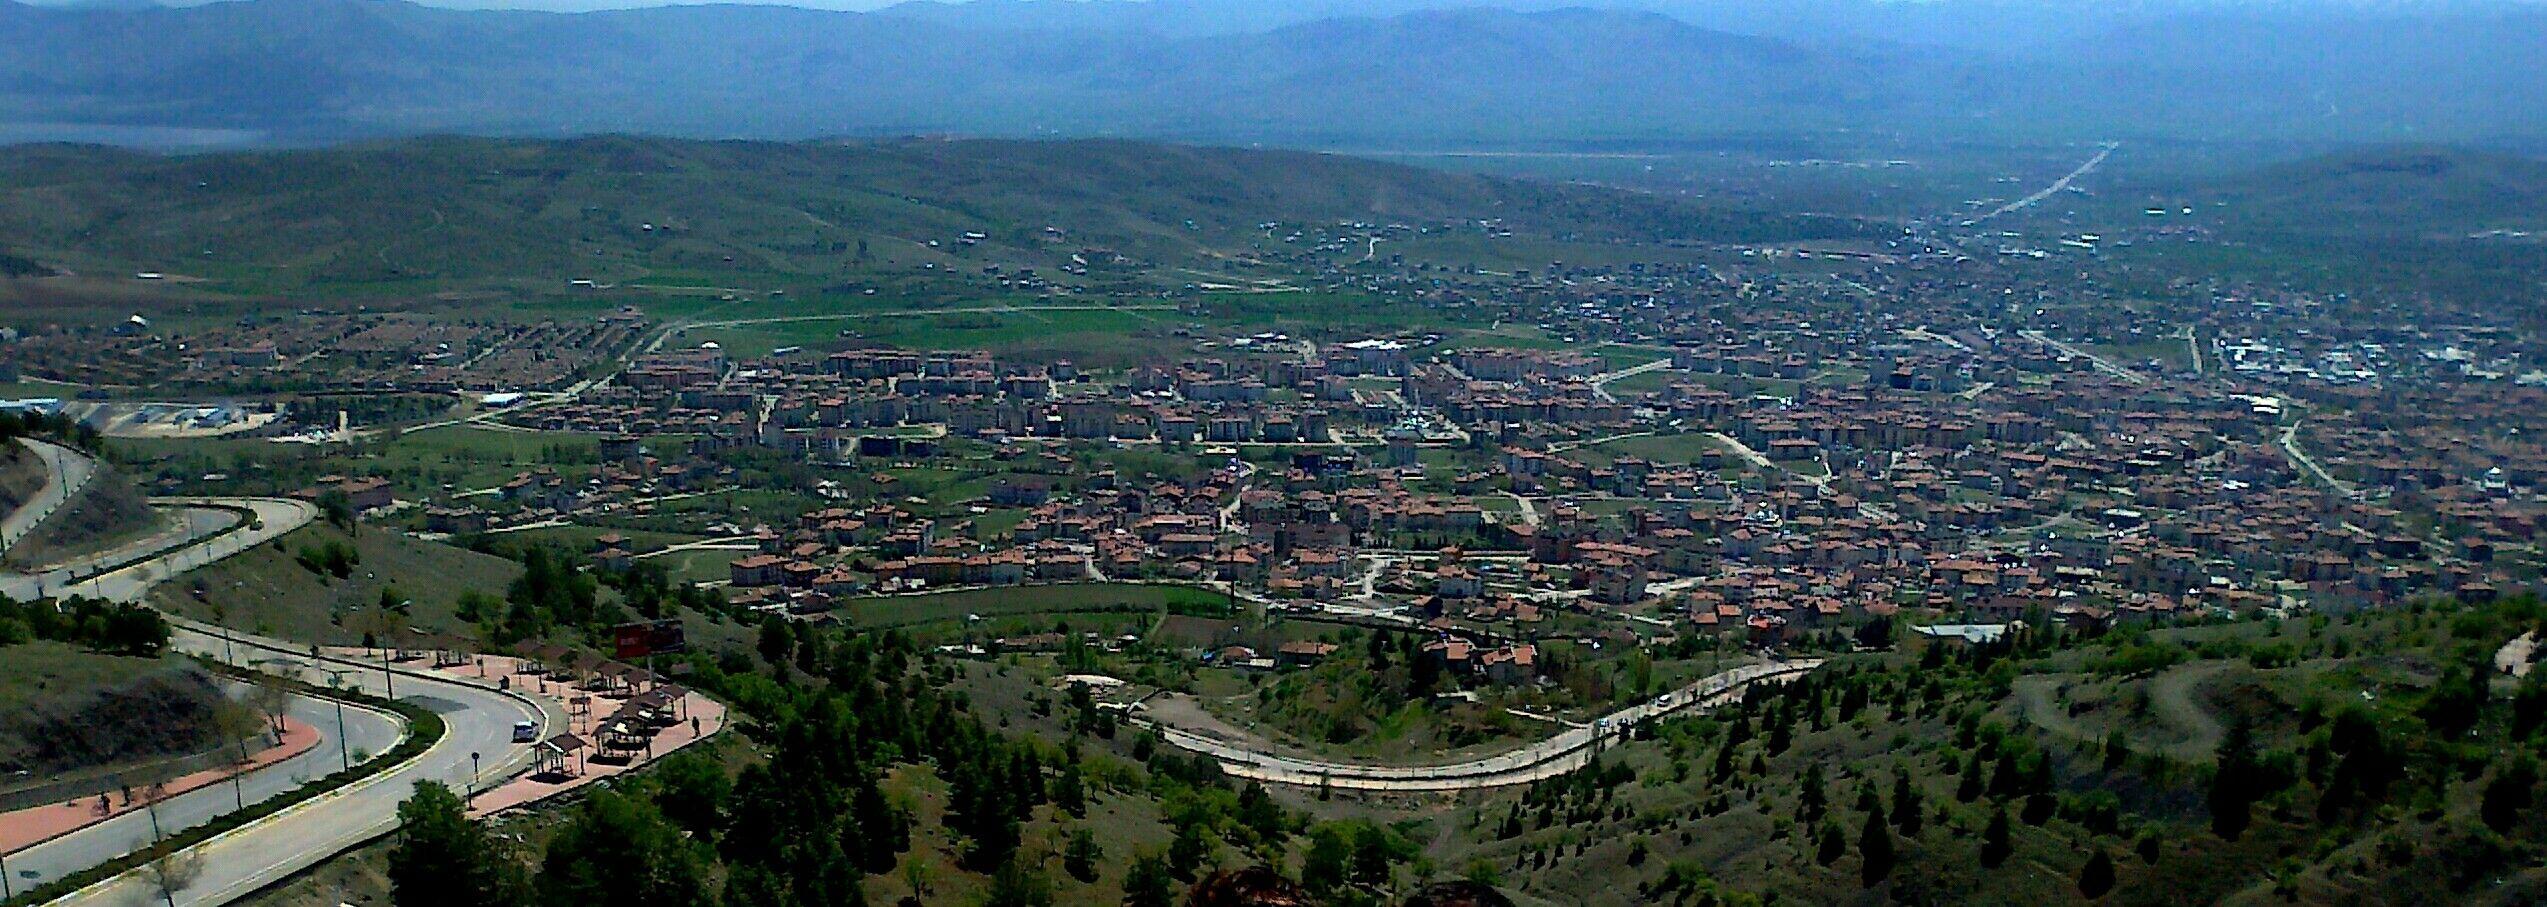 Harput kalesinden Elazığ/TURKEY